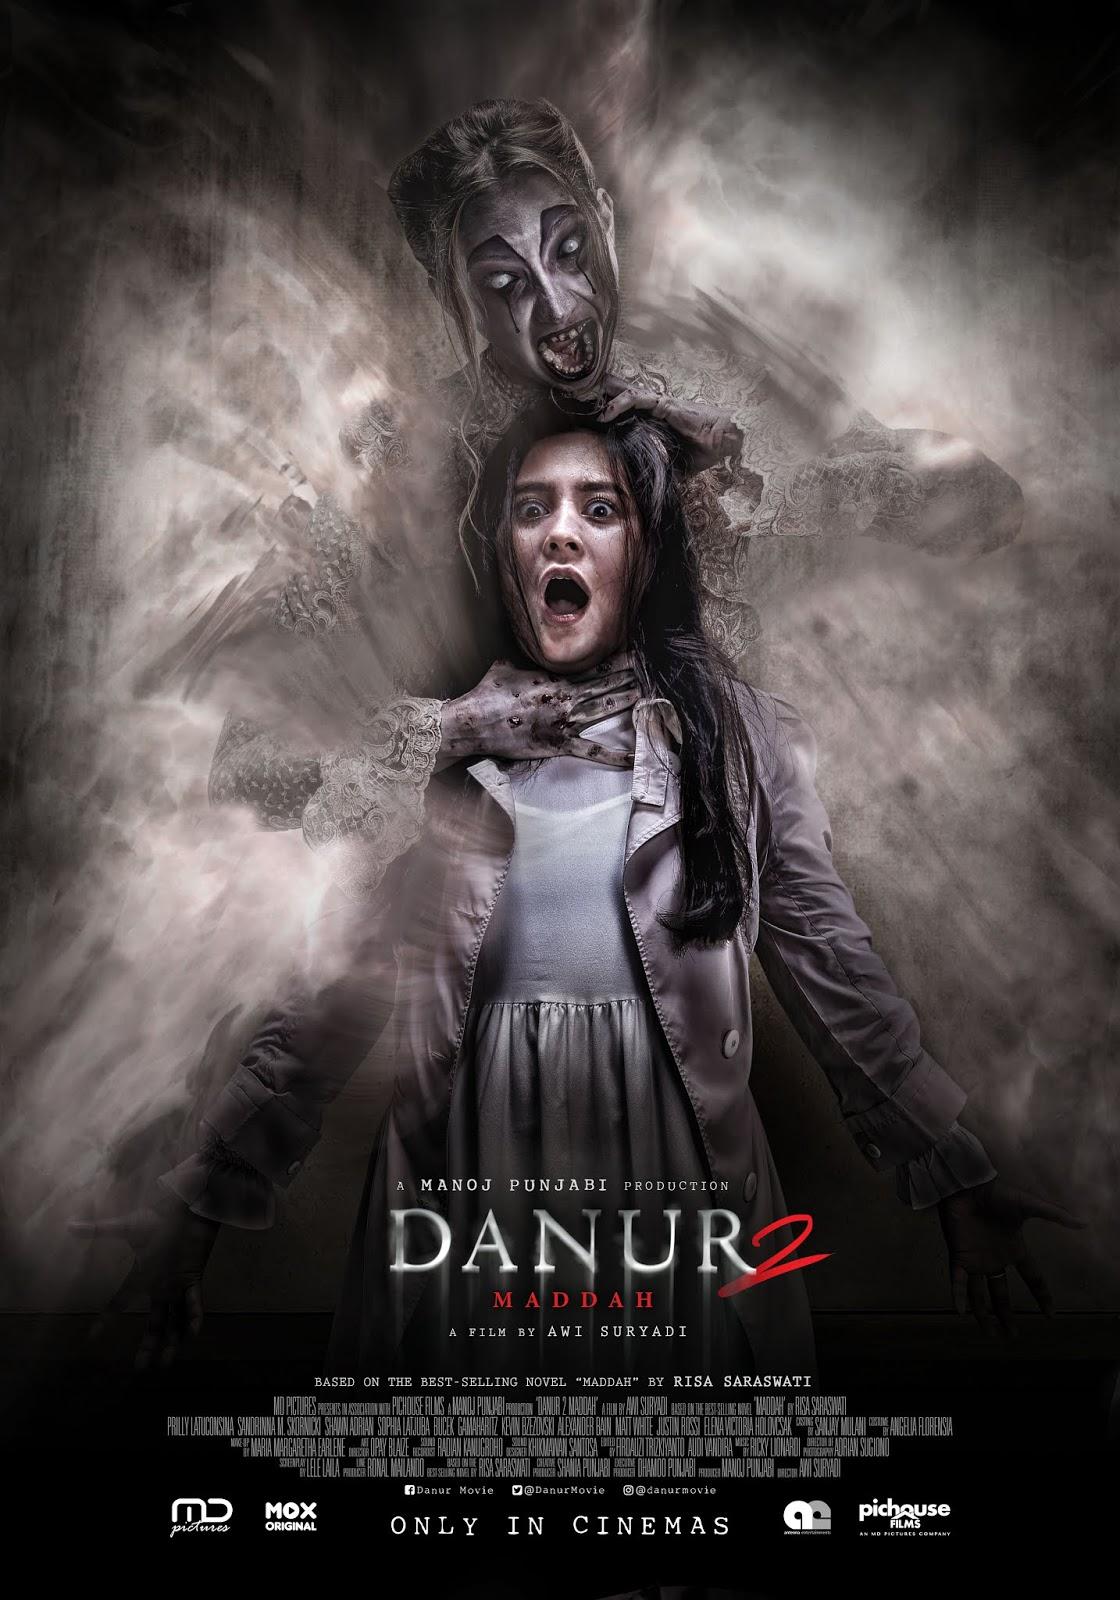 Danur 2 Maddah (2018)